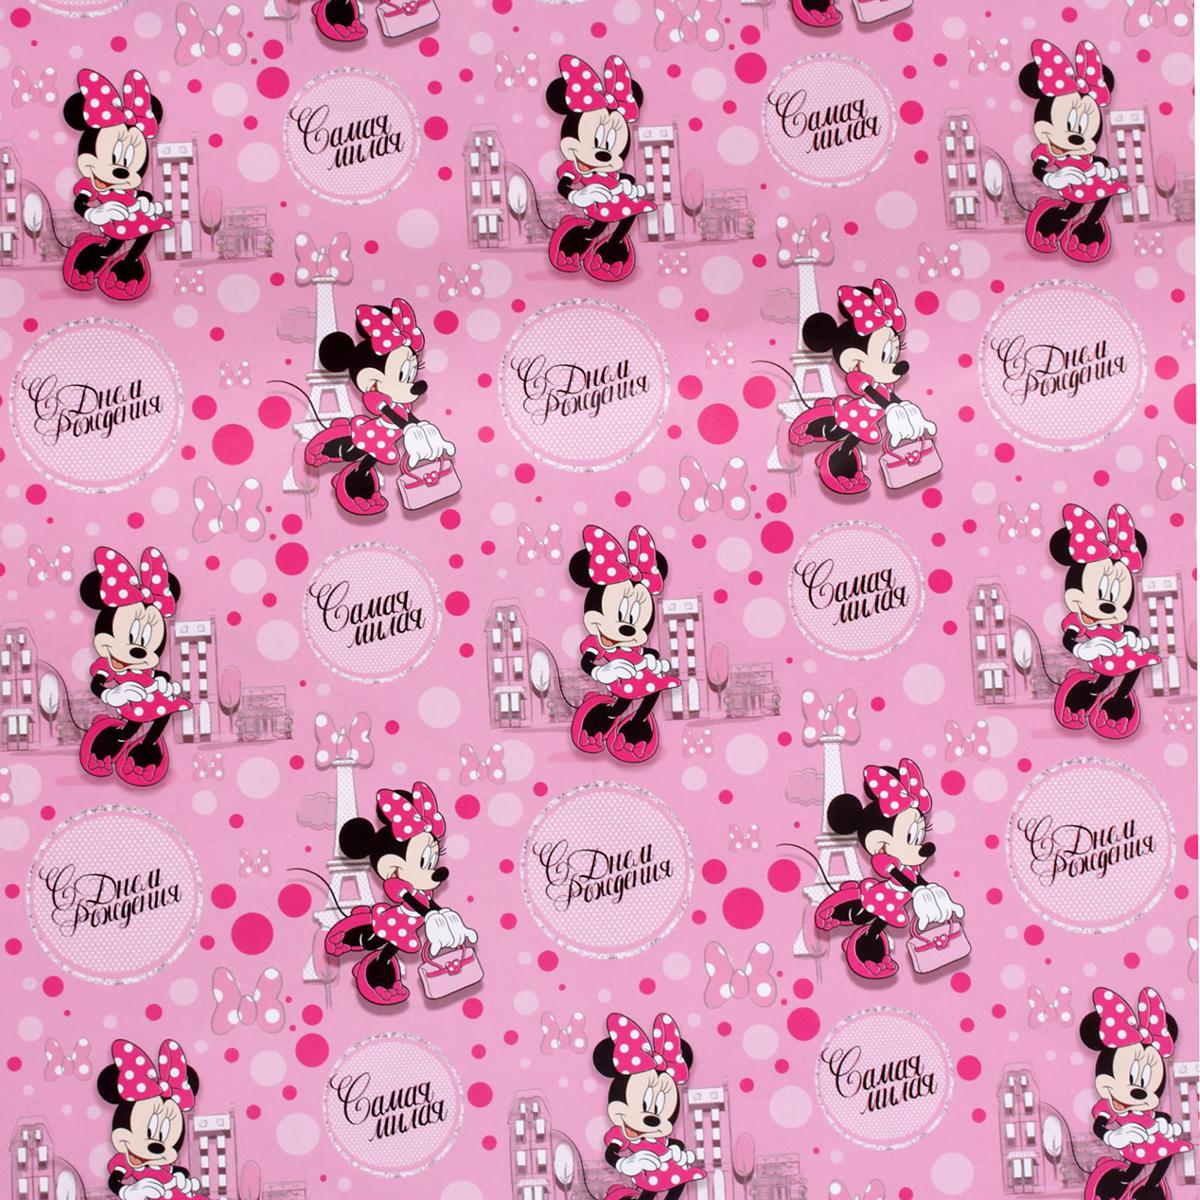 Бумага упаковочная Disney С Днем Рождения! Самая милая! Минни Маус, глянцевая, 70 х 100 см. 2390649 бумага упаковочная disney с днем рождения самая милая минни маус глянцевая 70 х 100 см 2390649